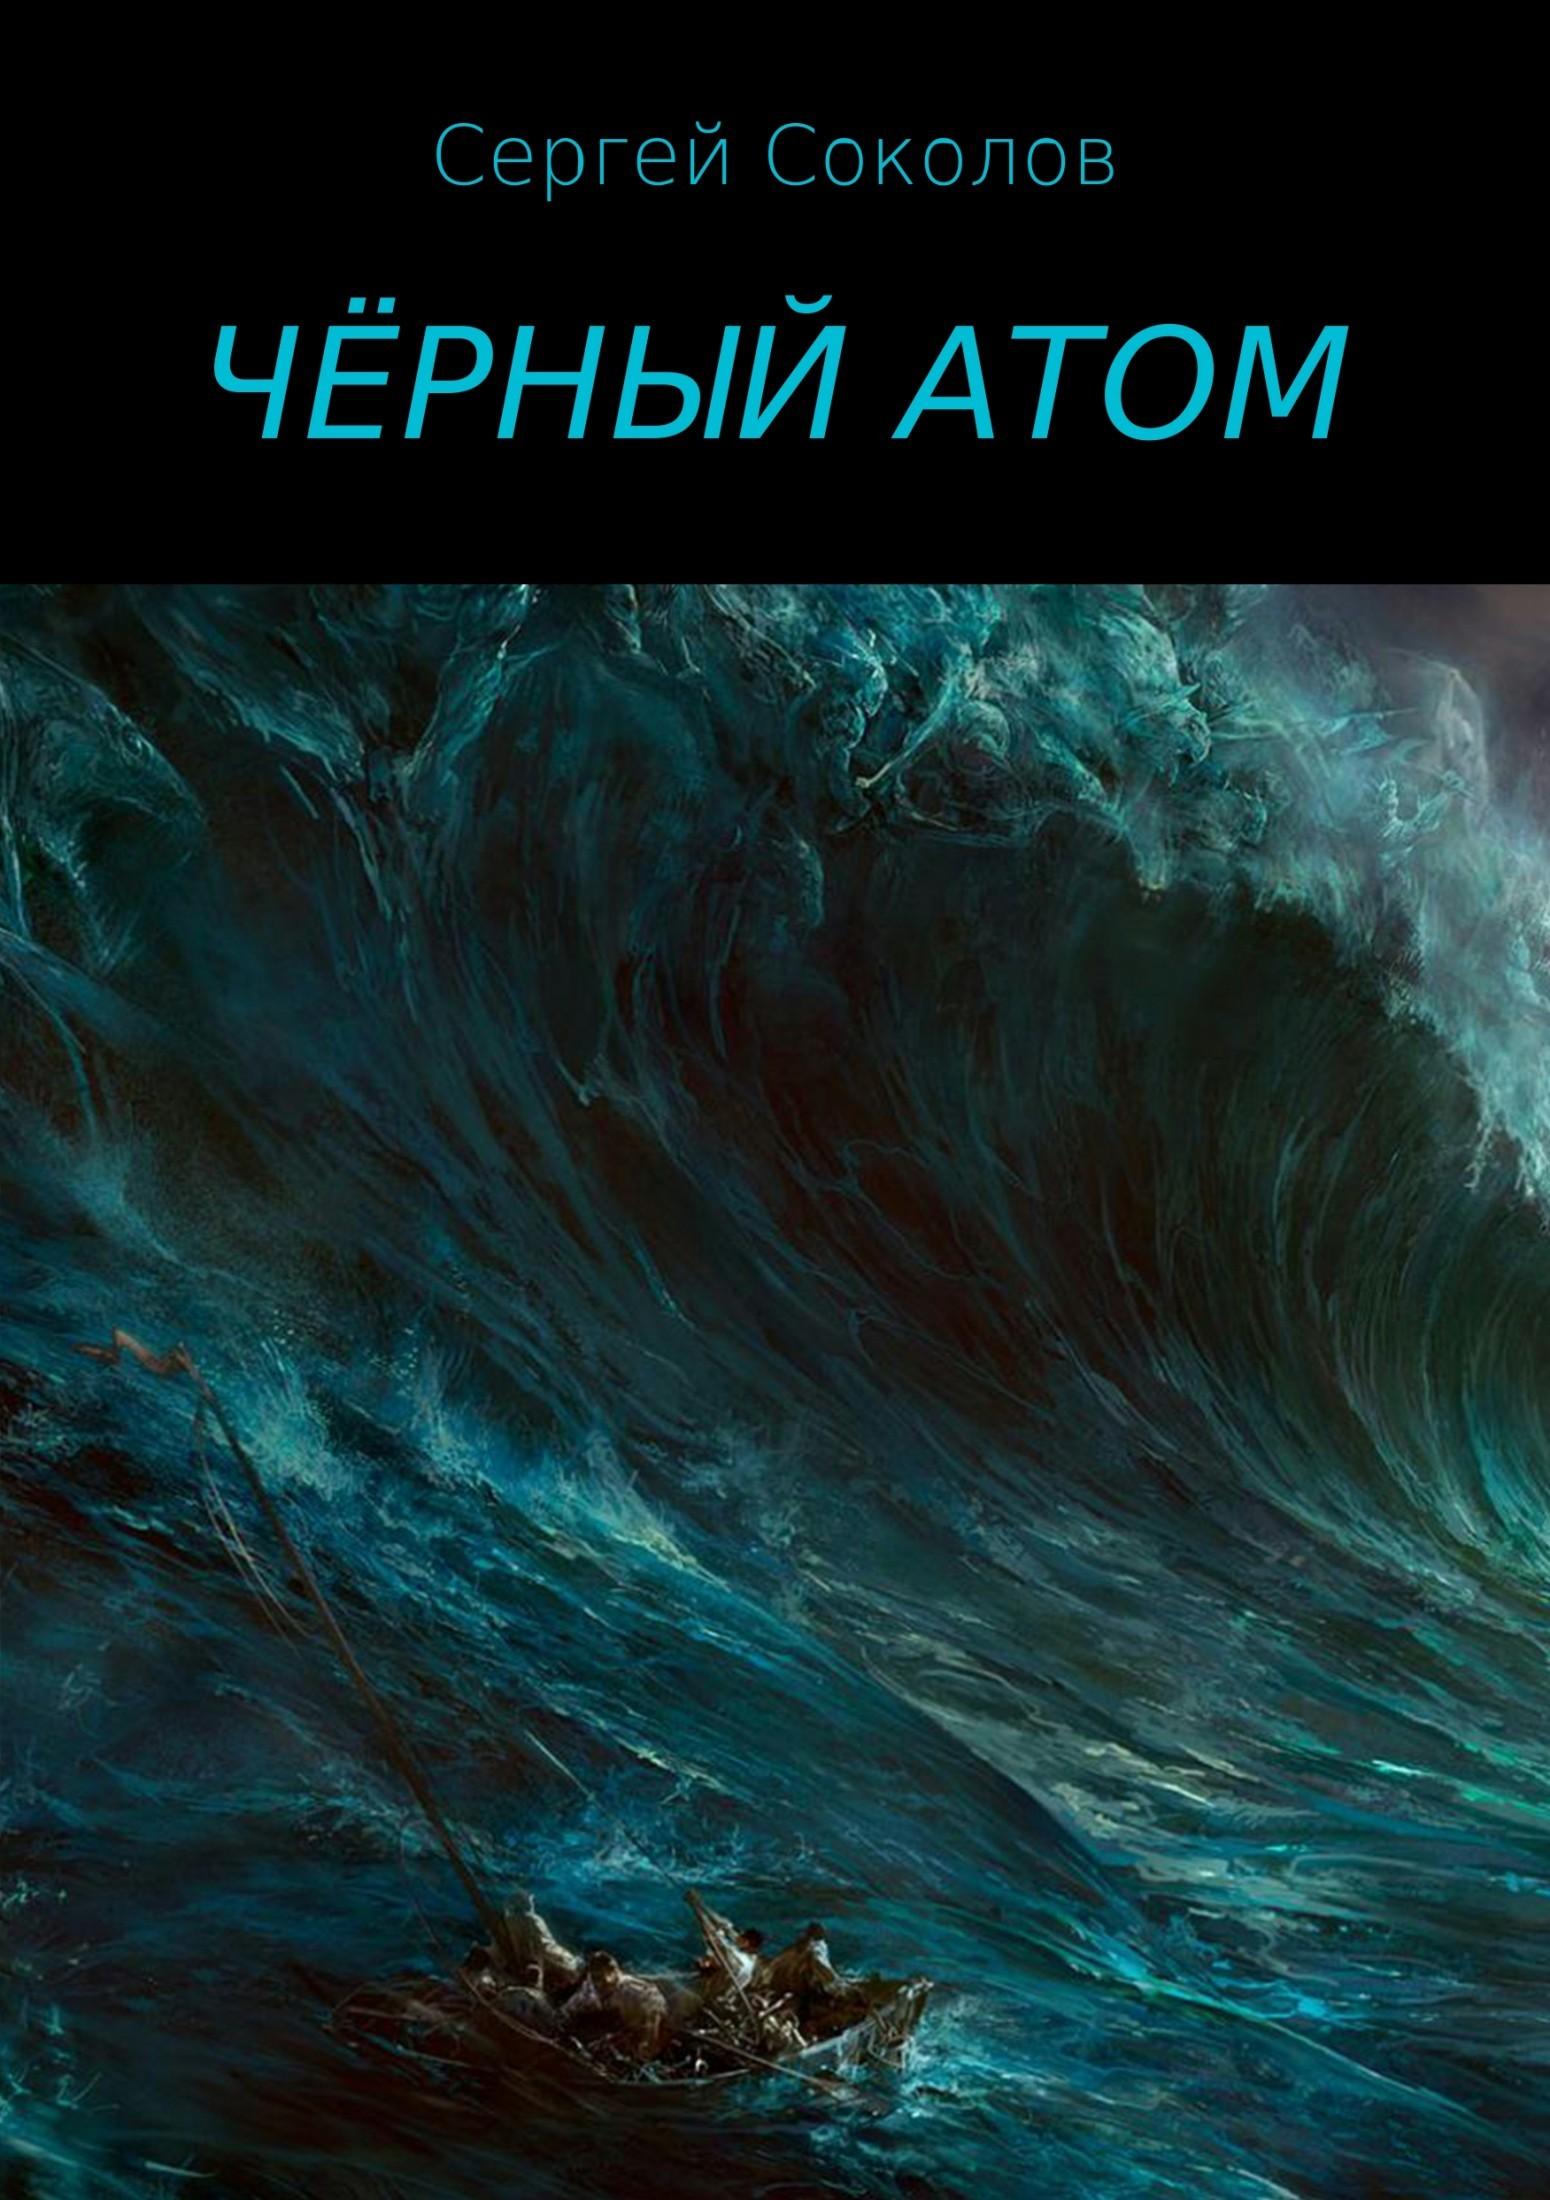 Сергей Соколов - Чёрный атом